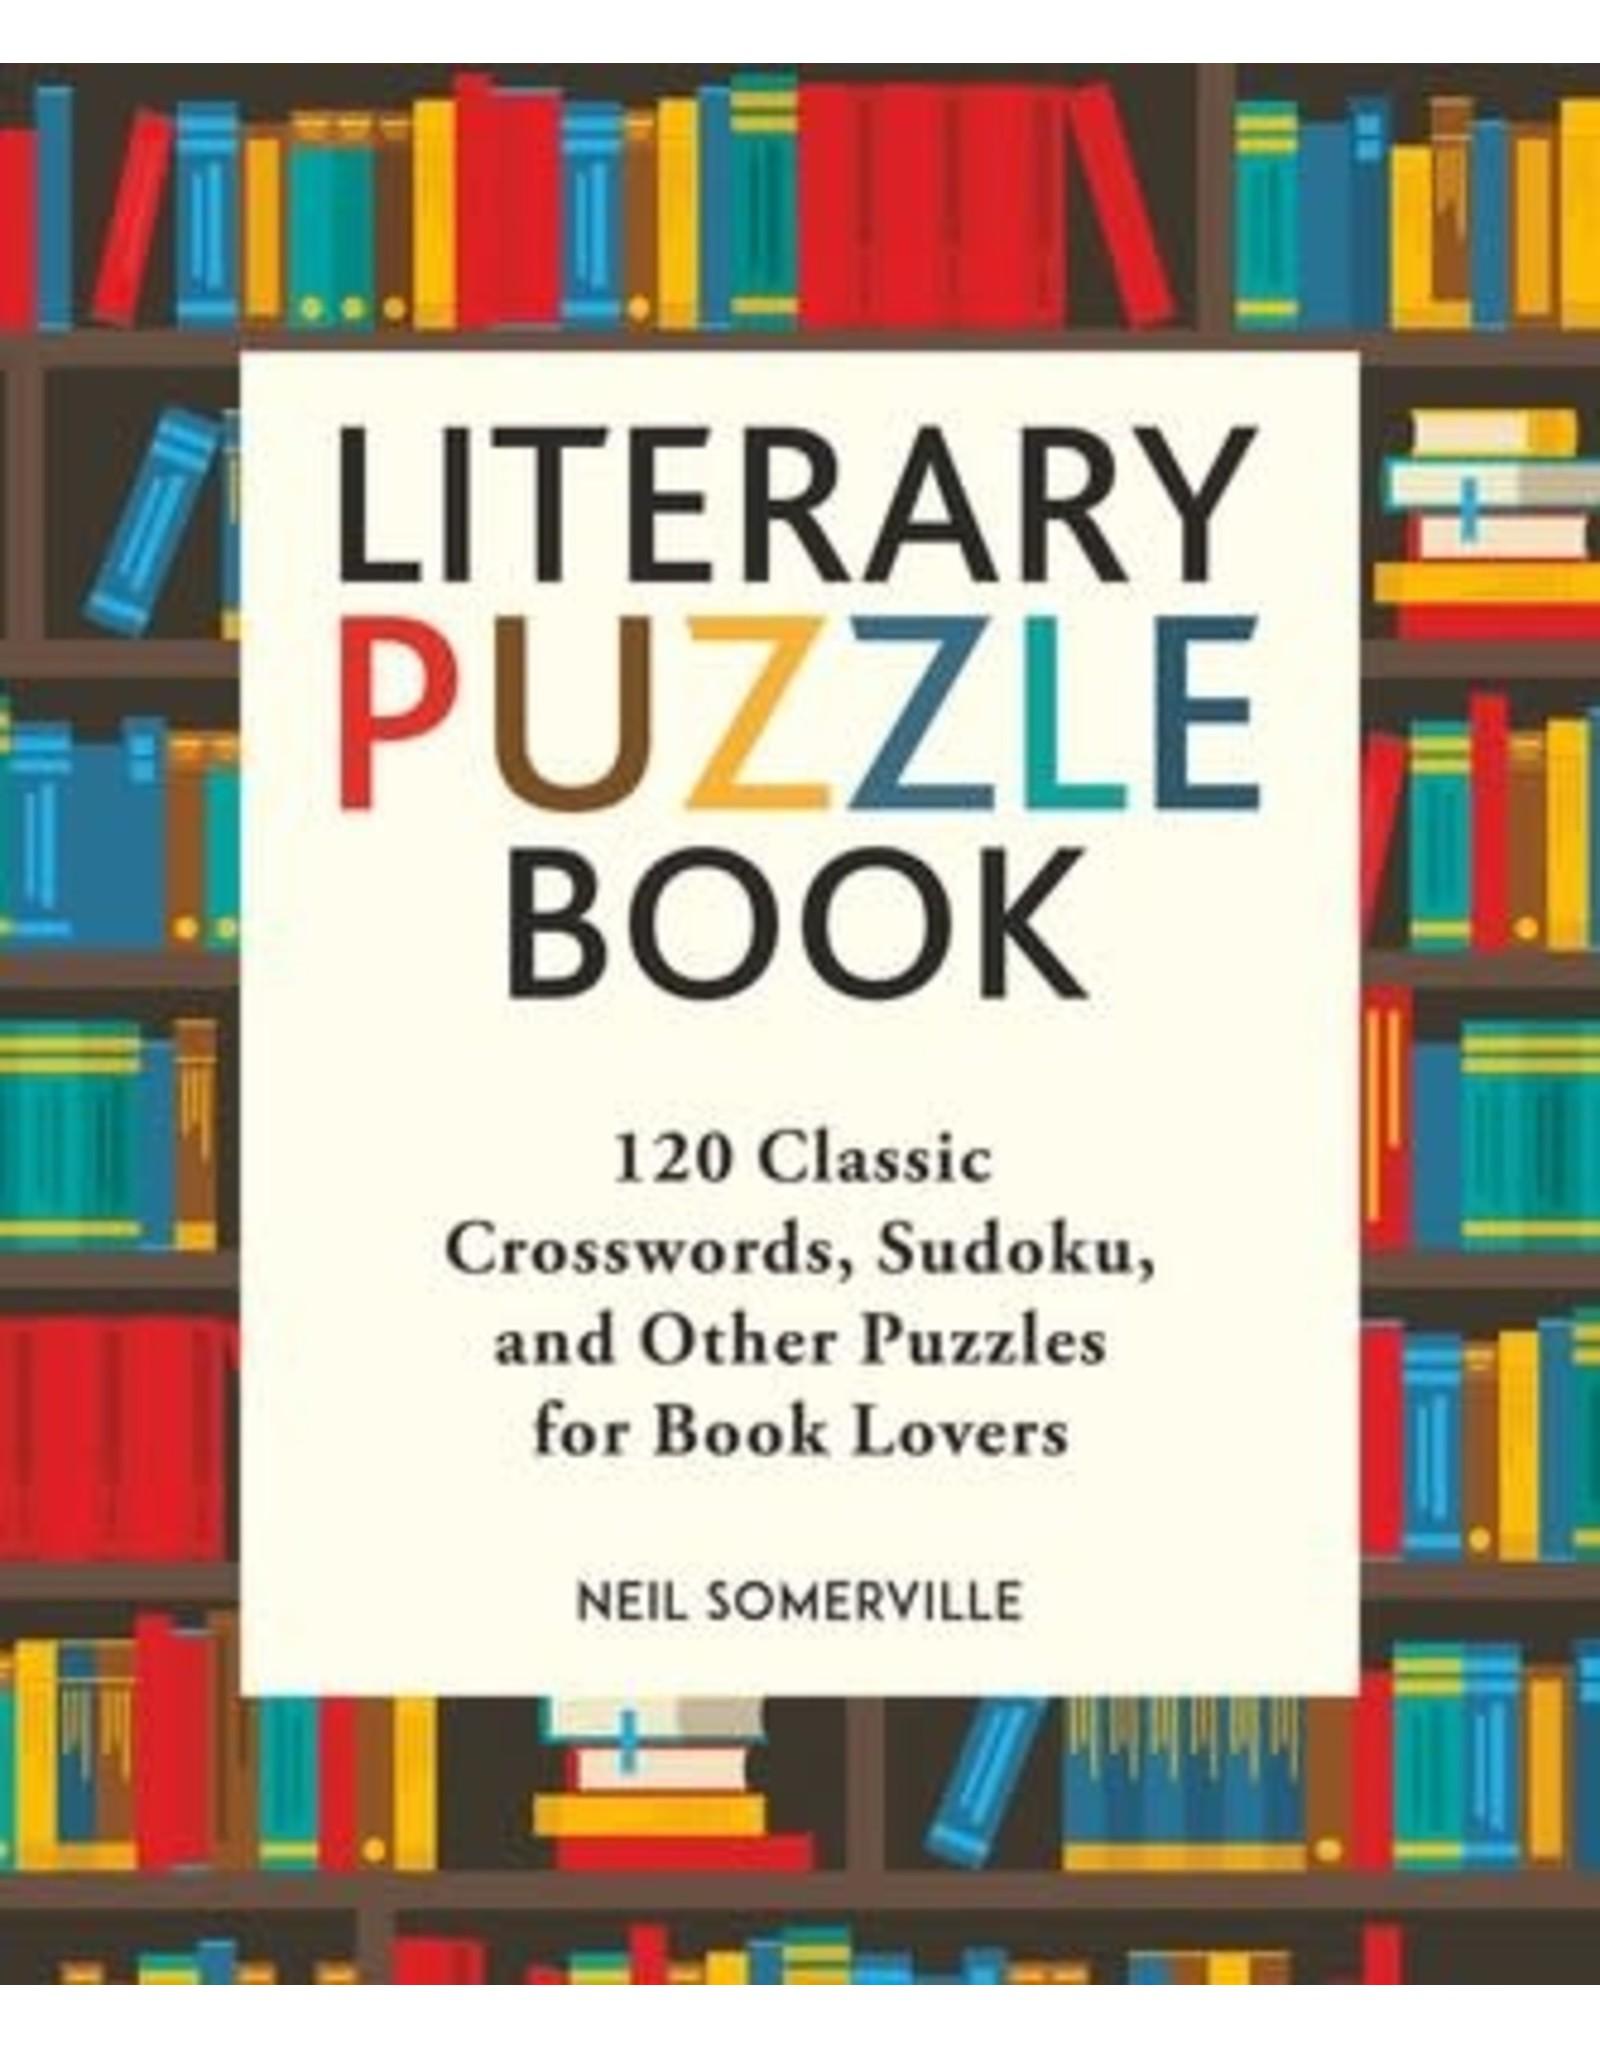 Simon & Schuster Literary Puzzle Book